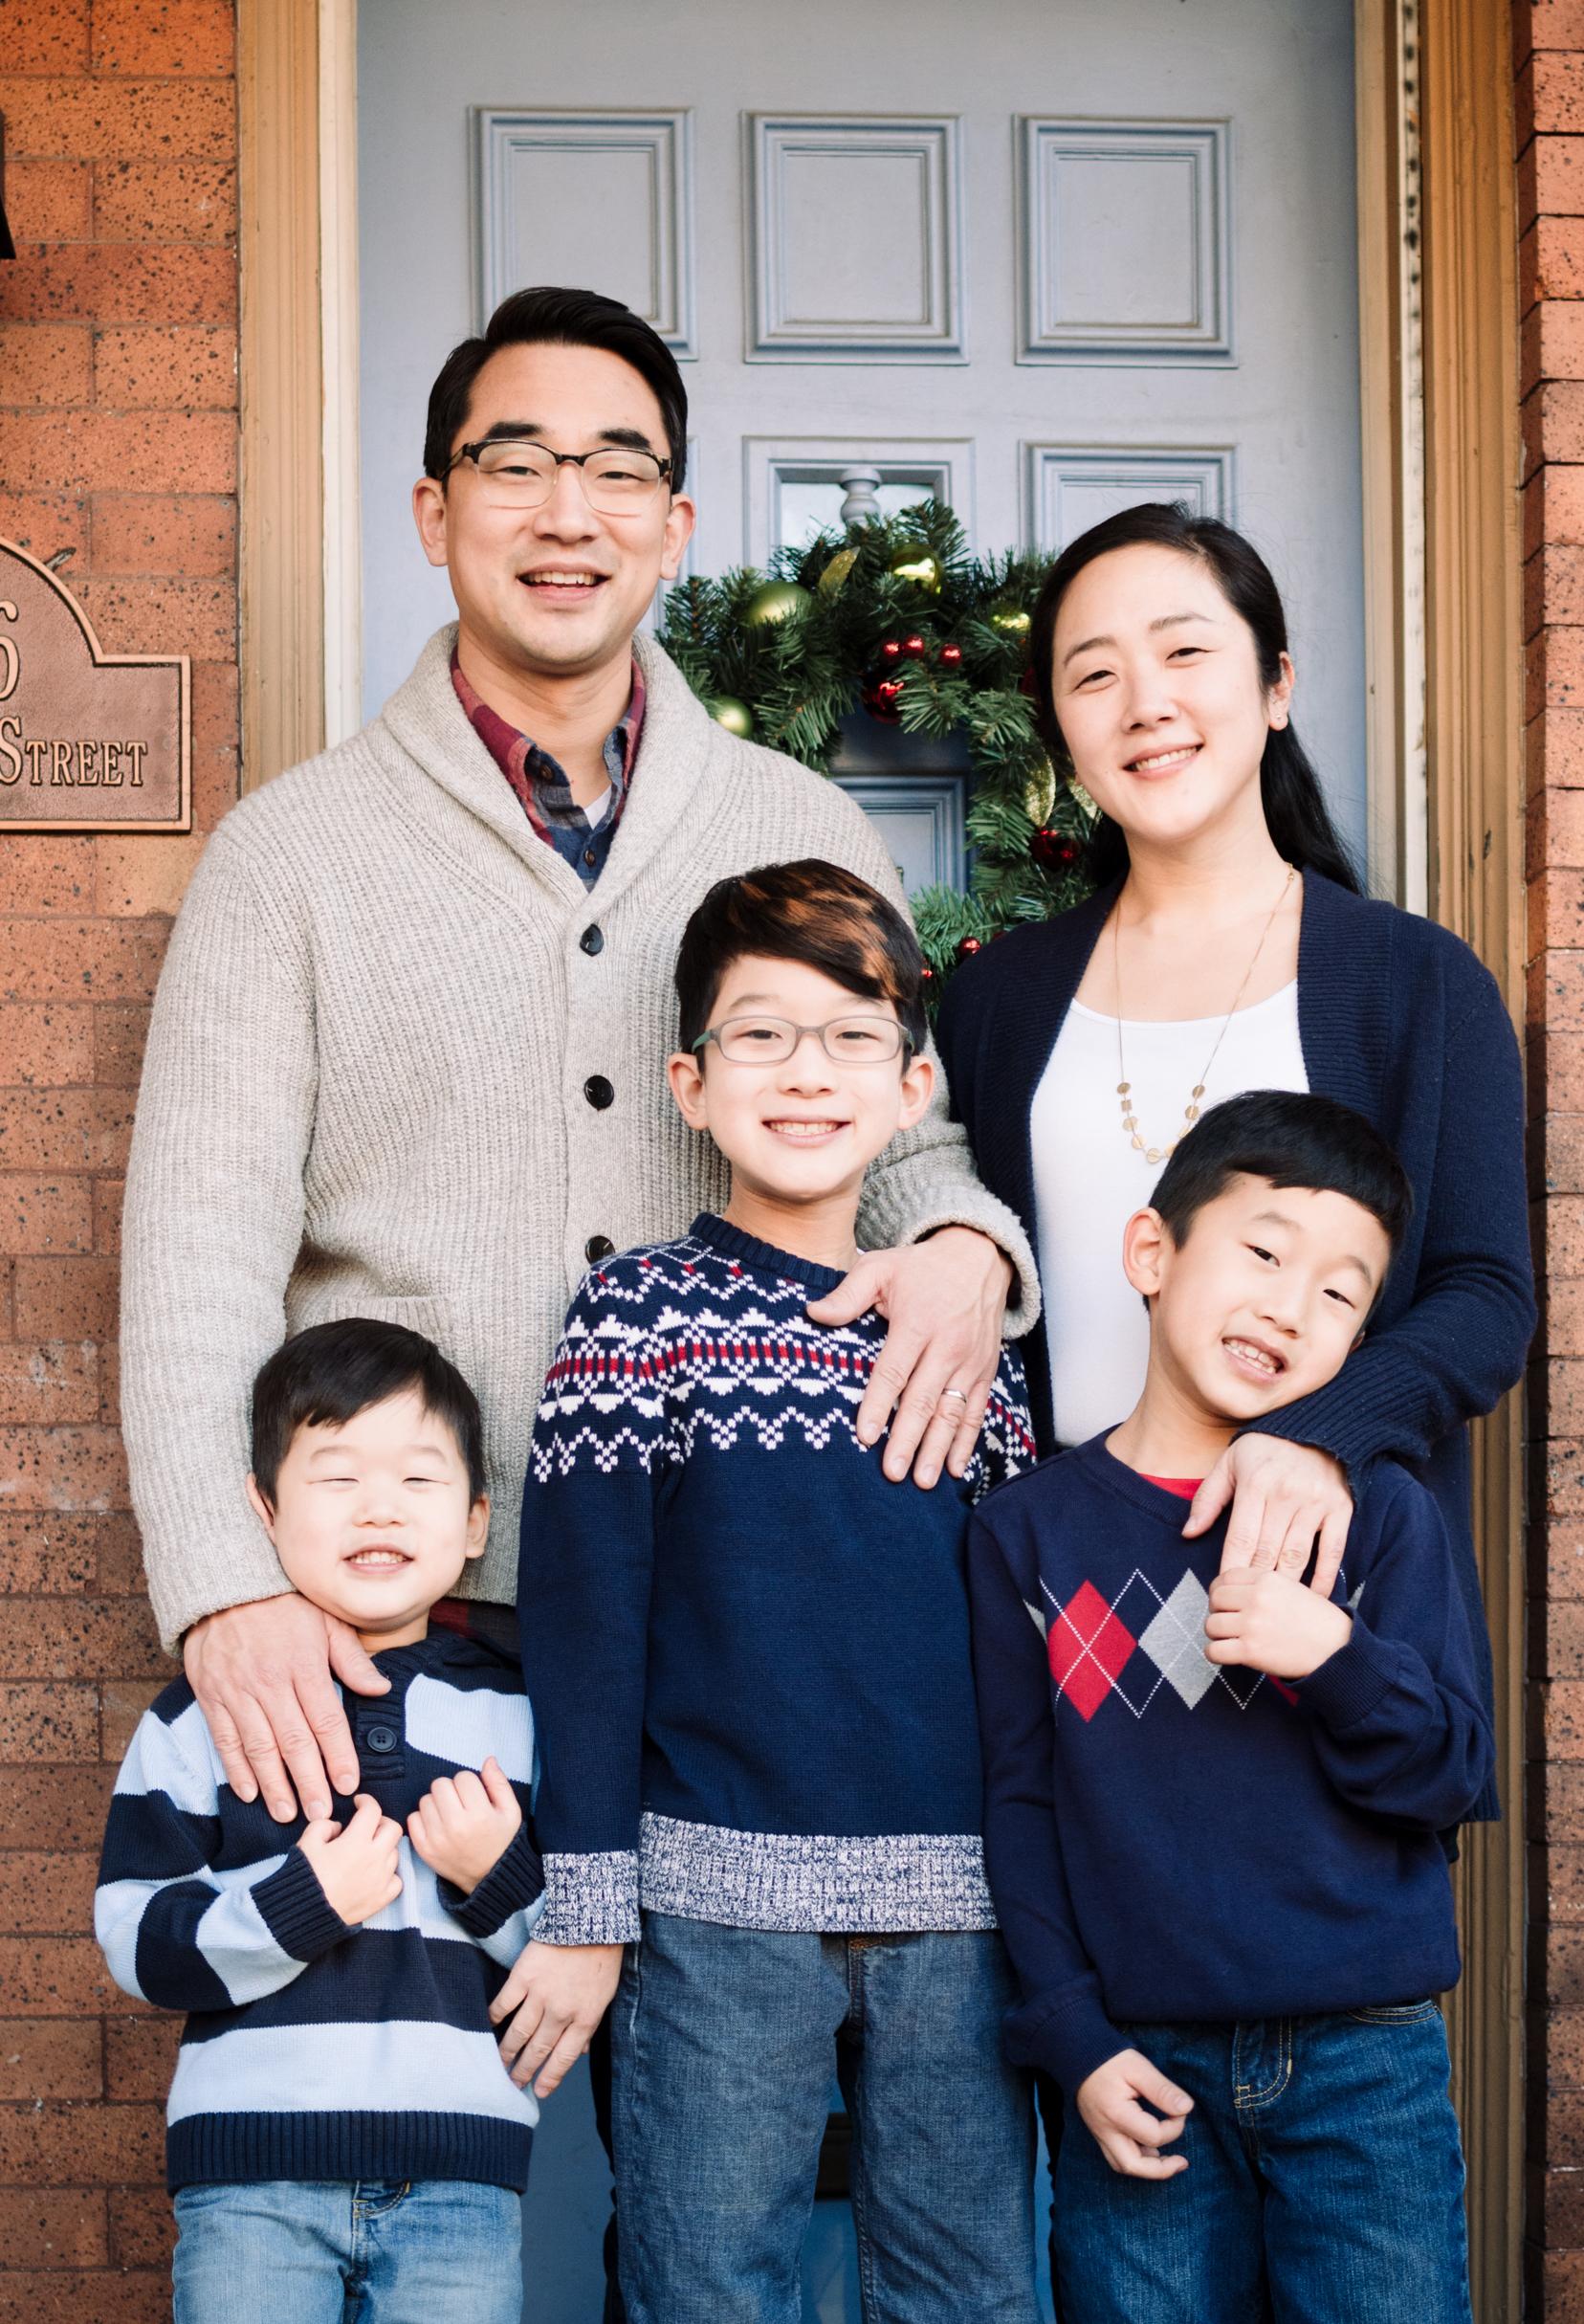 Yoo Family Holiday Portraits